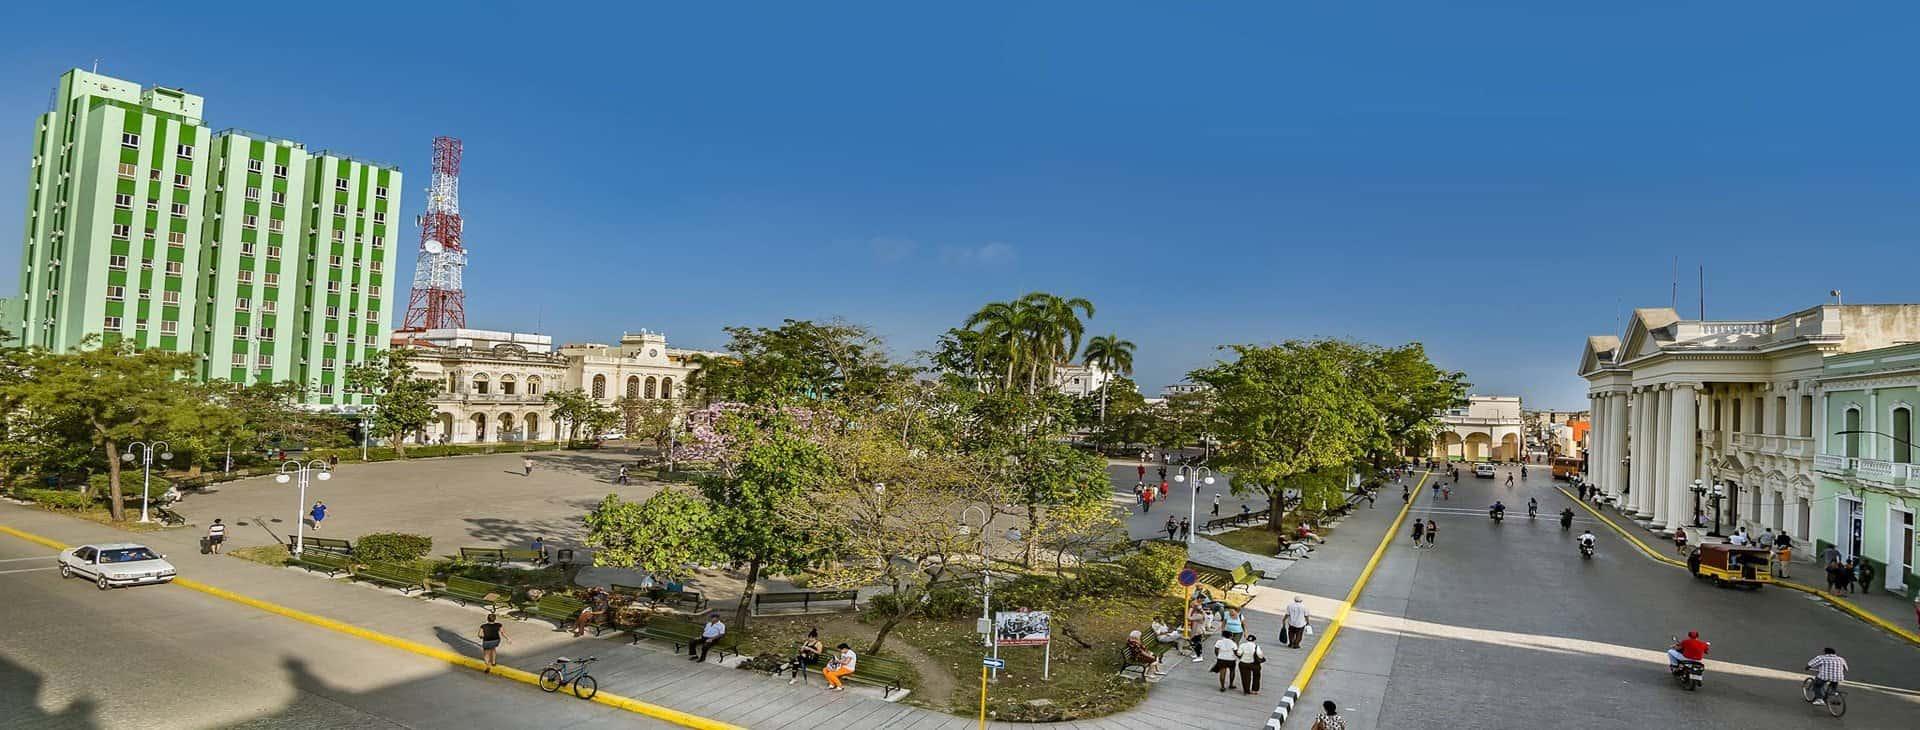 Parque Leoncio Vidal, Santa Clara